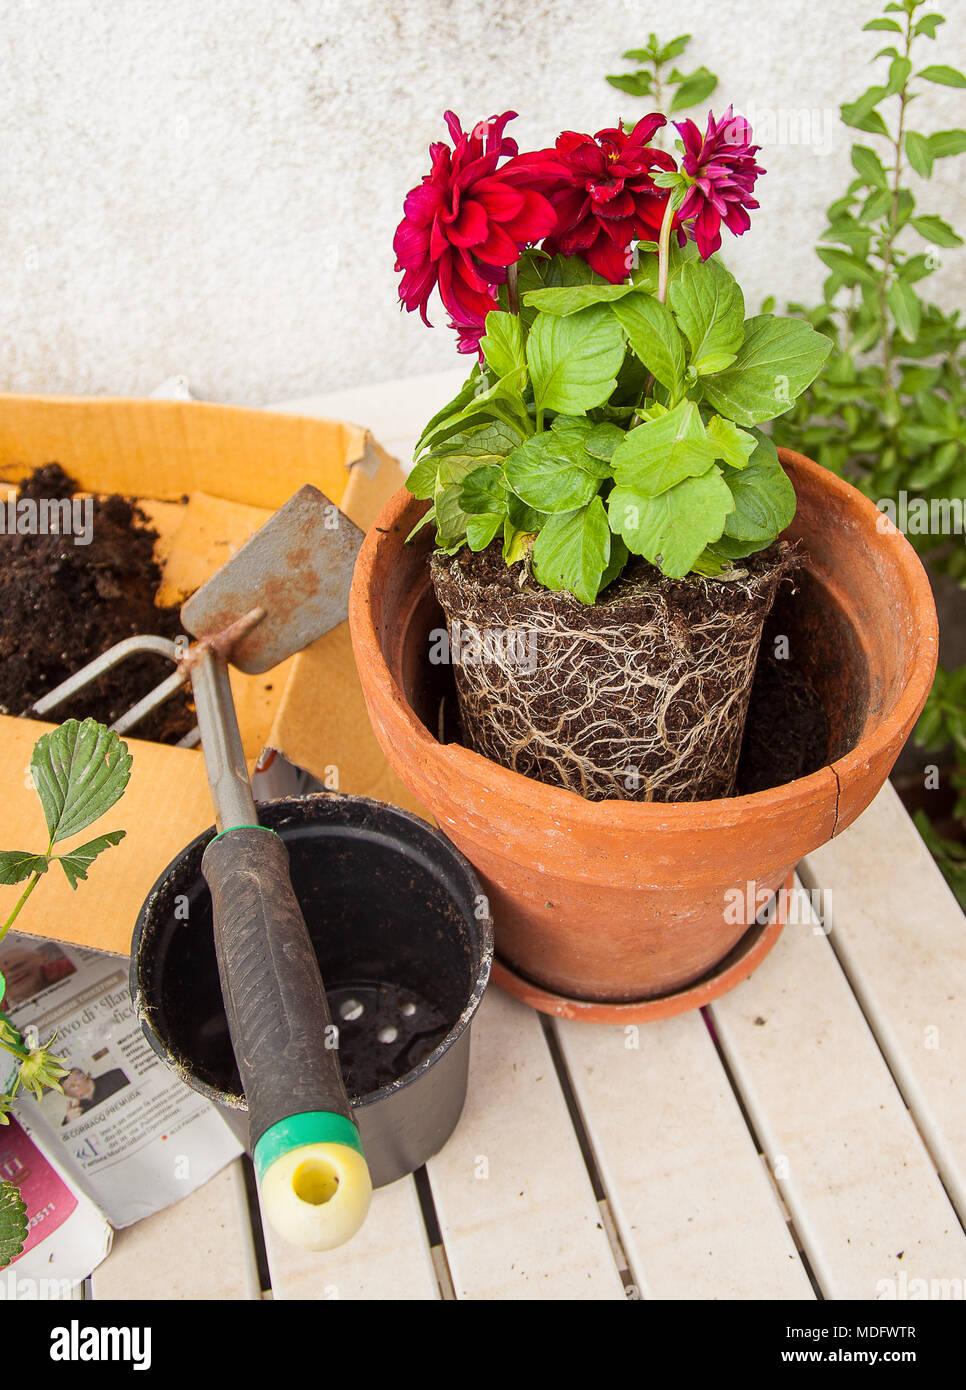 Die Arbeit In Der Balkon, Verpflanzung Pflanzen Mit Blumen Auf Dem Tisch,  Umgebungslicht.